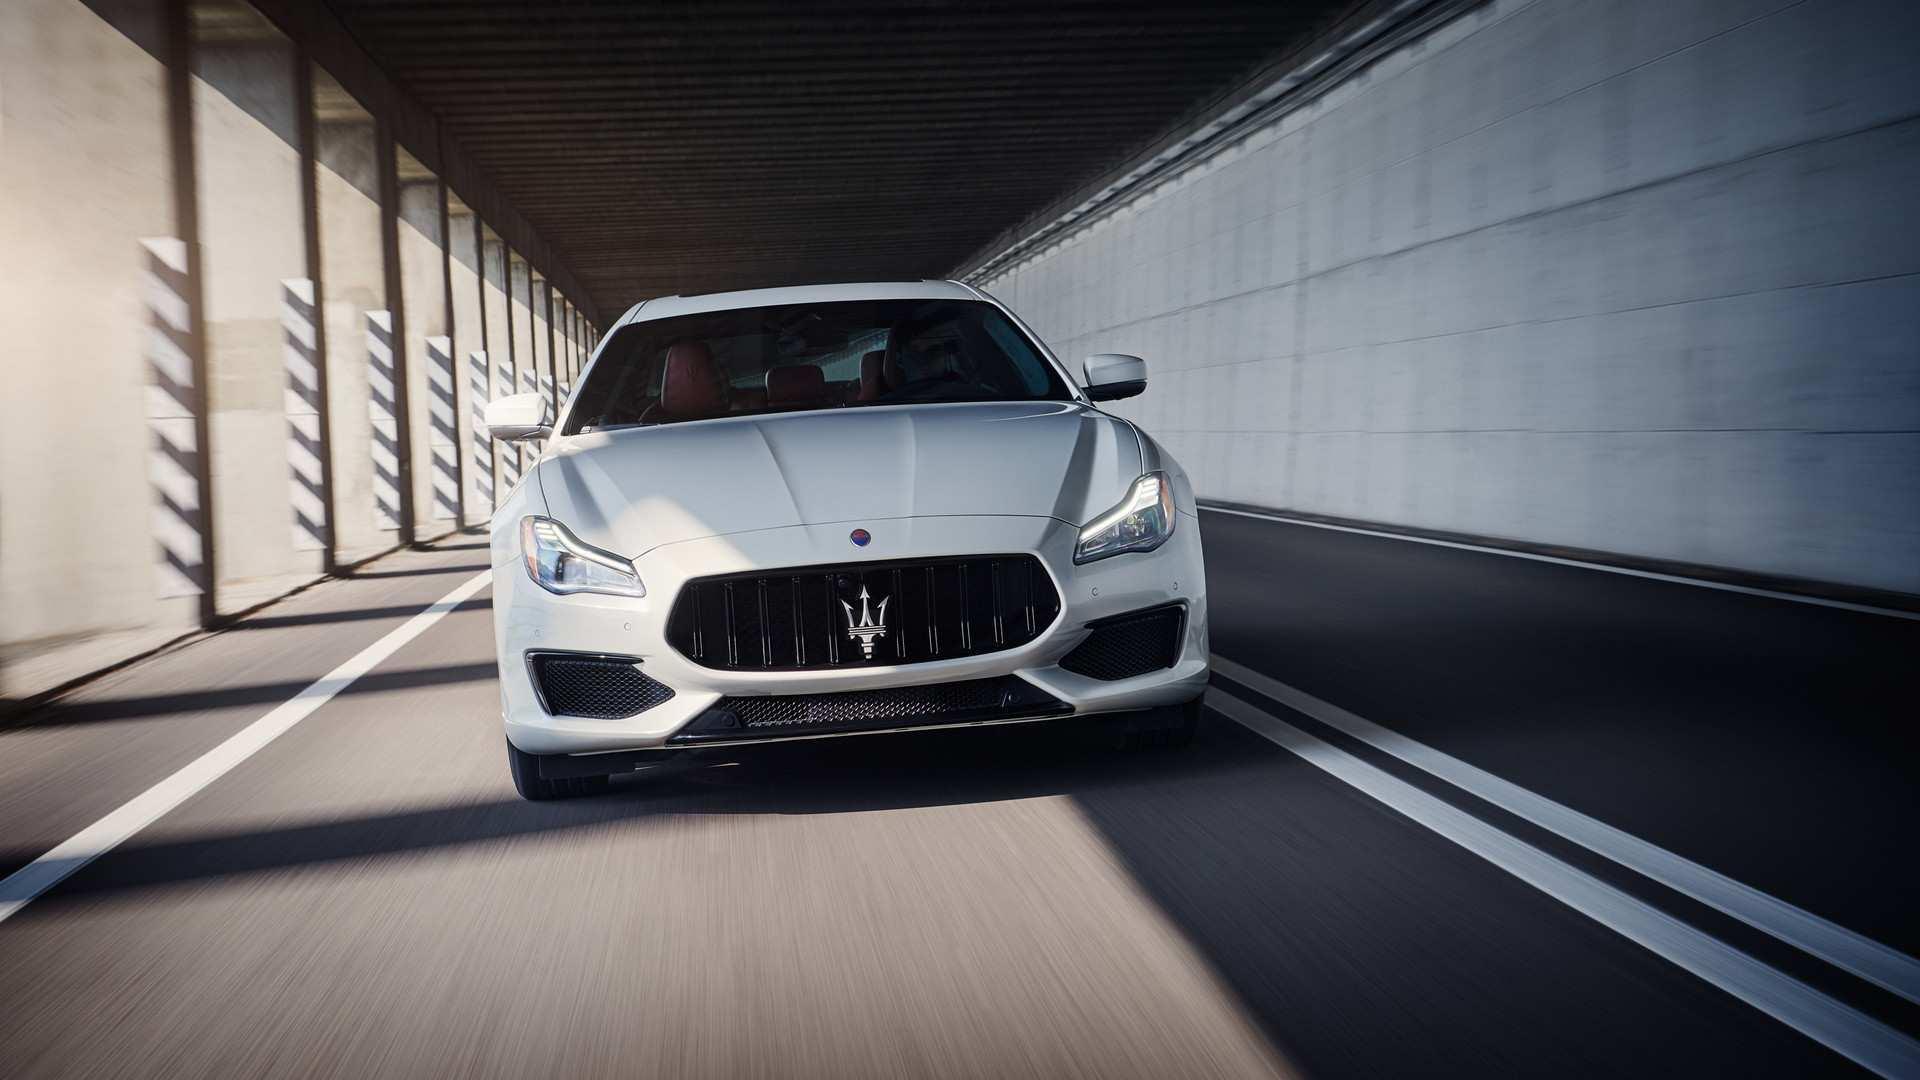 83 All New Maserati Quattroporte Gts 2019 Exterior for Maserati Quattroporte Gts 2019